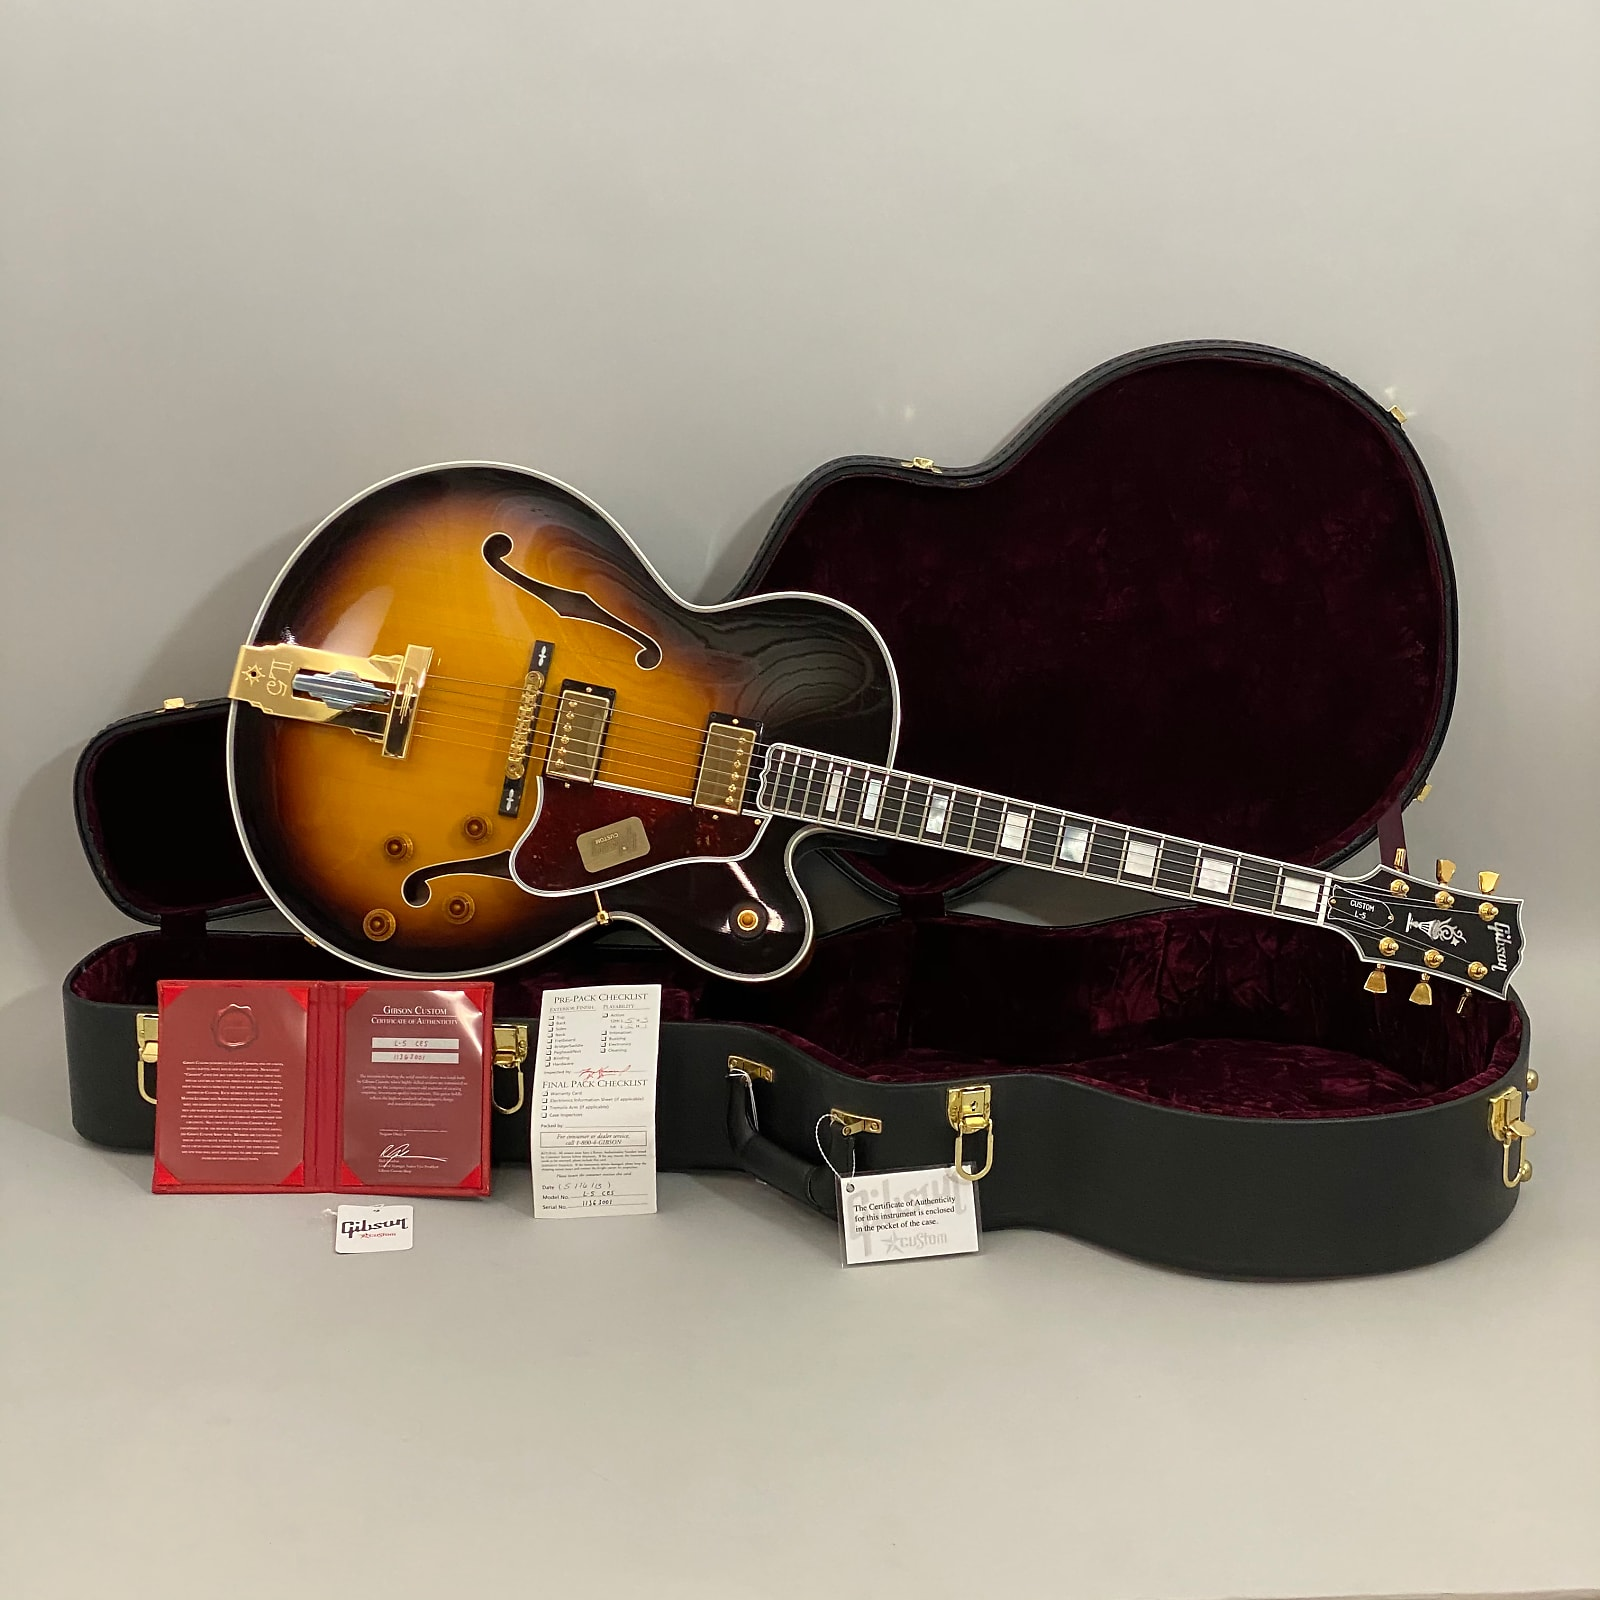 2013 Gibson Custom L-5CES Sunburst